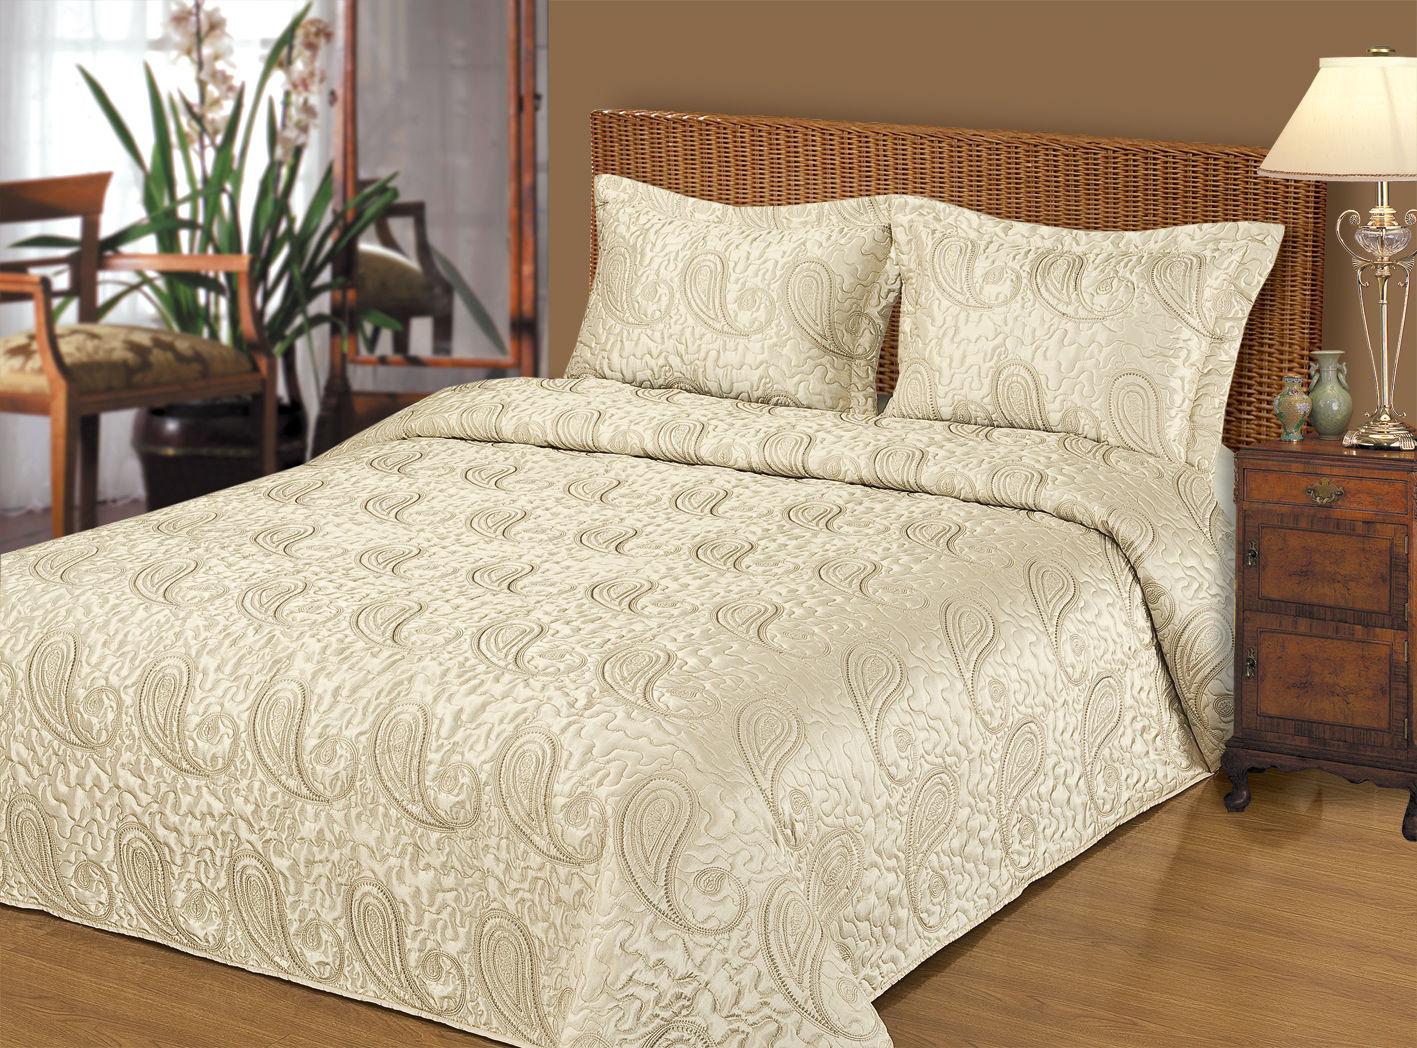 Делаем кровать красивой